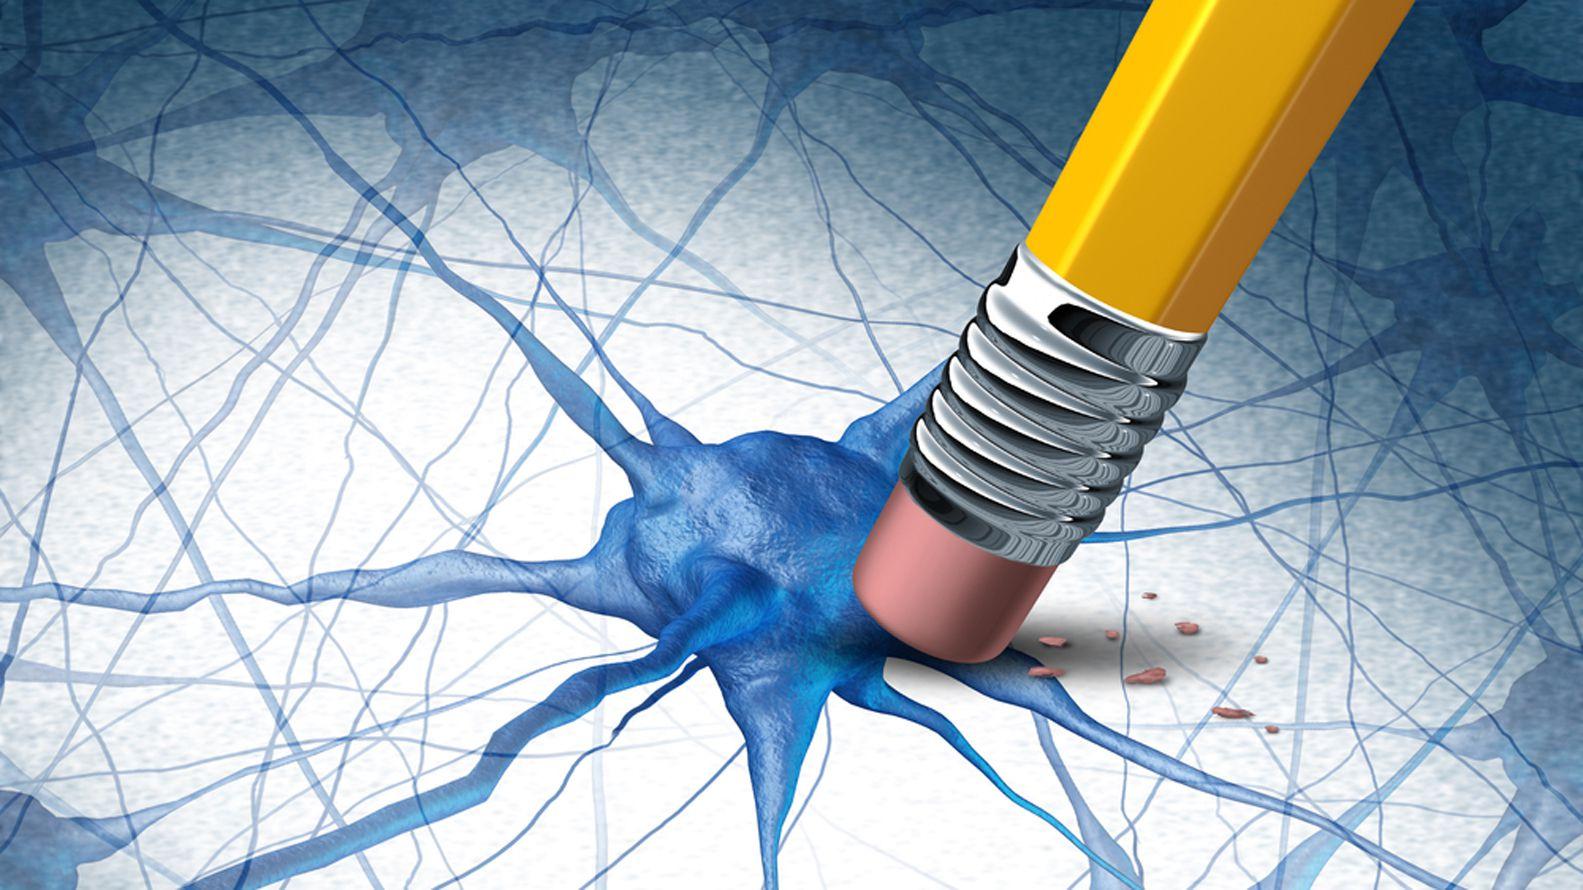 Se calcula que el 1% de los mayores de 60 años tiene Parkinson y que el 5% de los afectados tiene entre 40 y 60 años (Shutterstock)